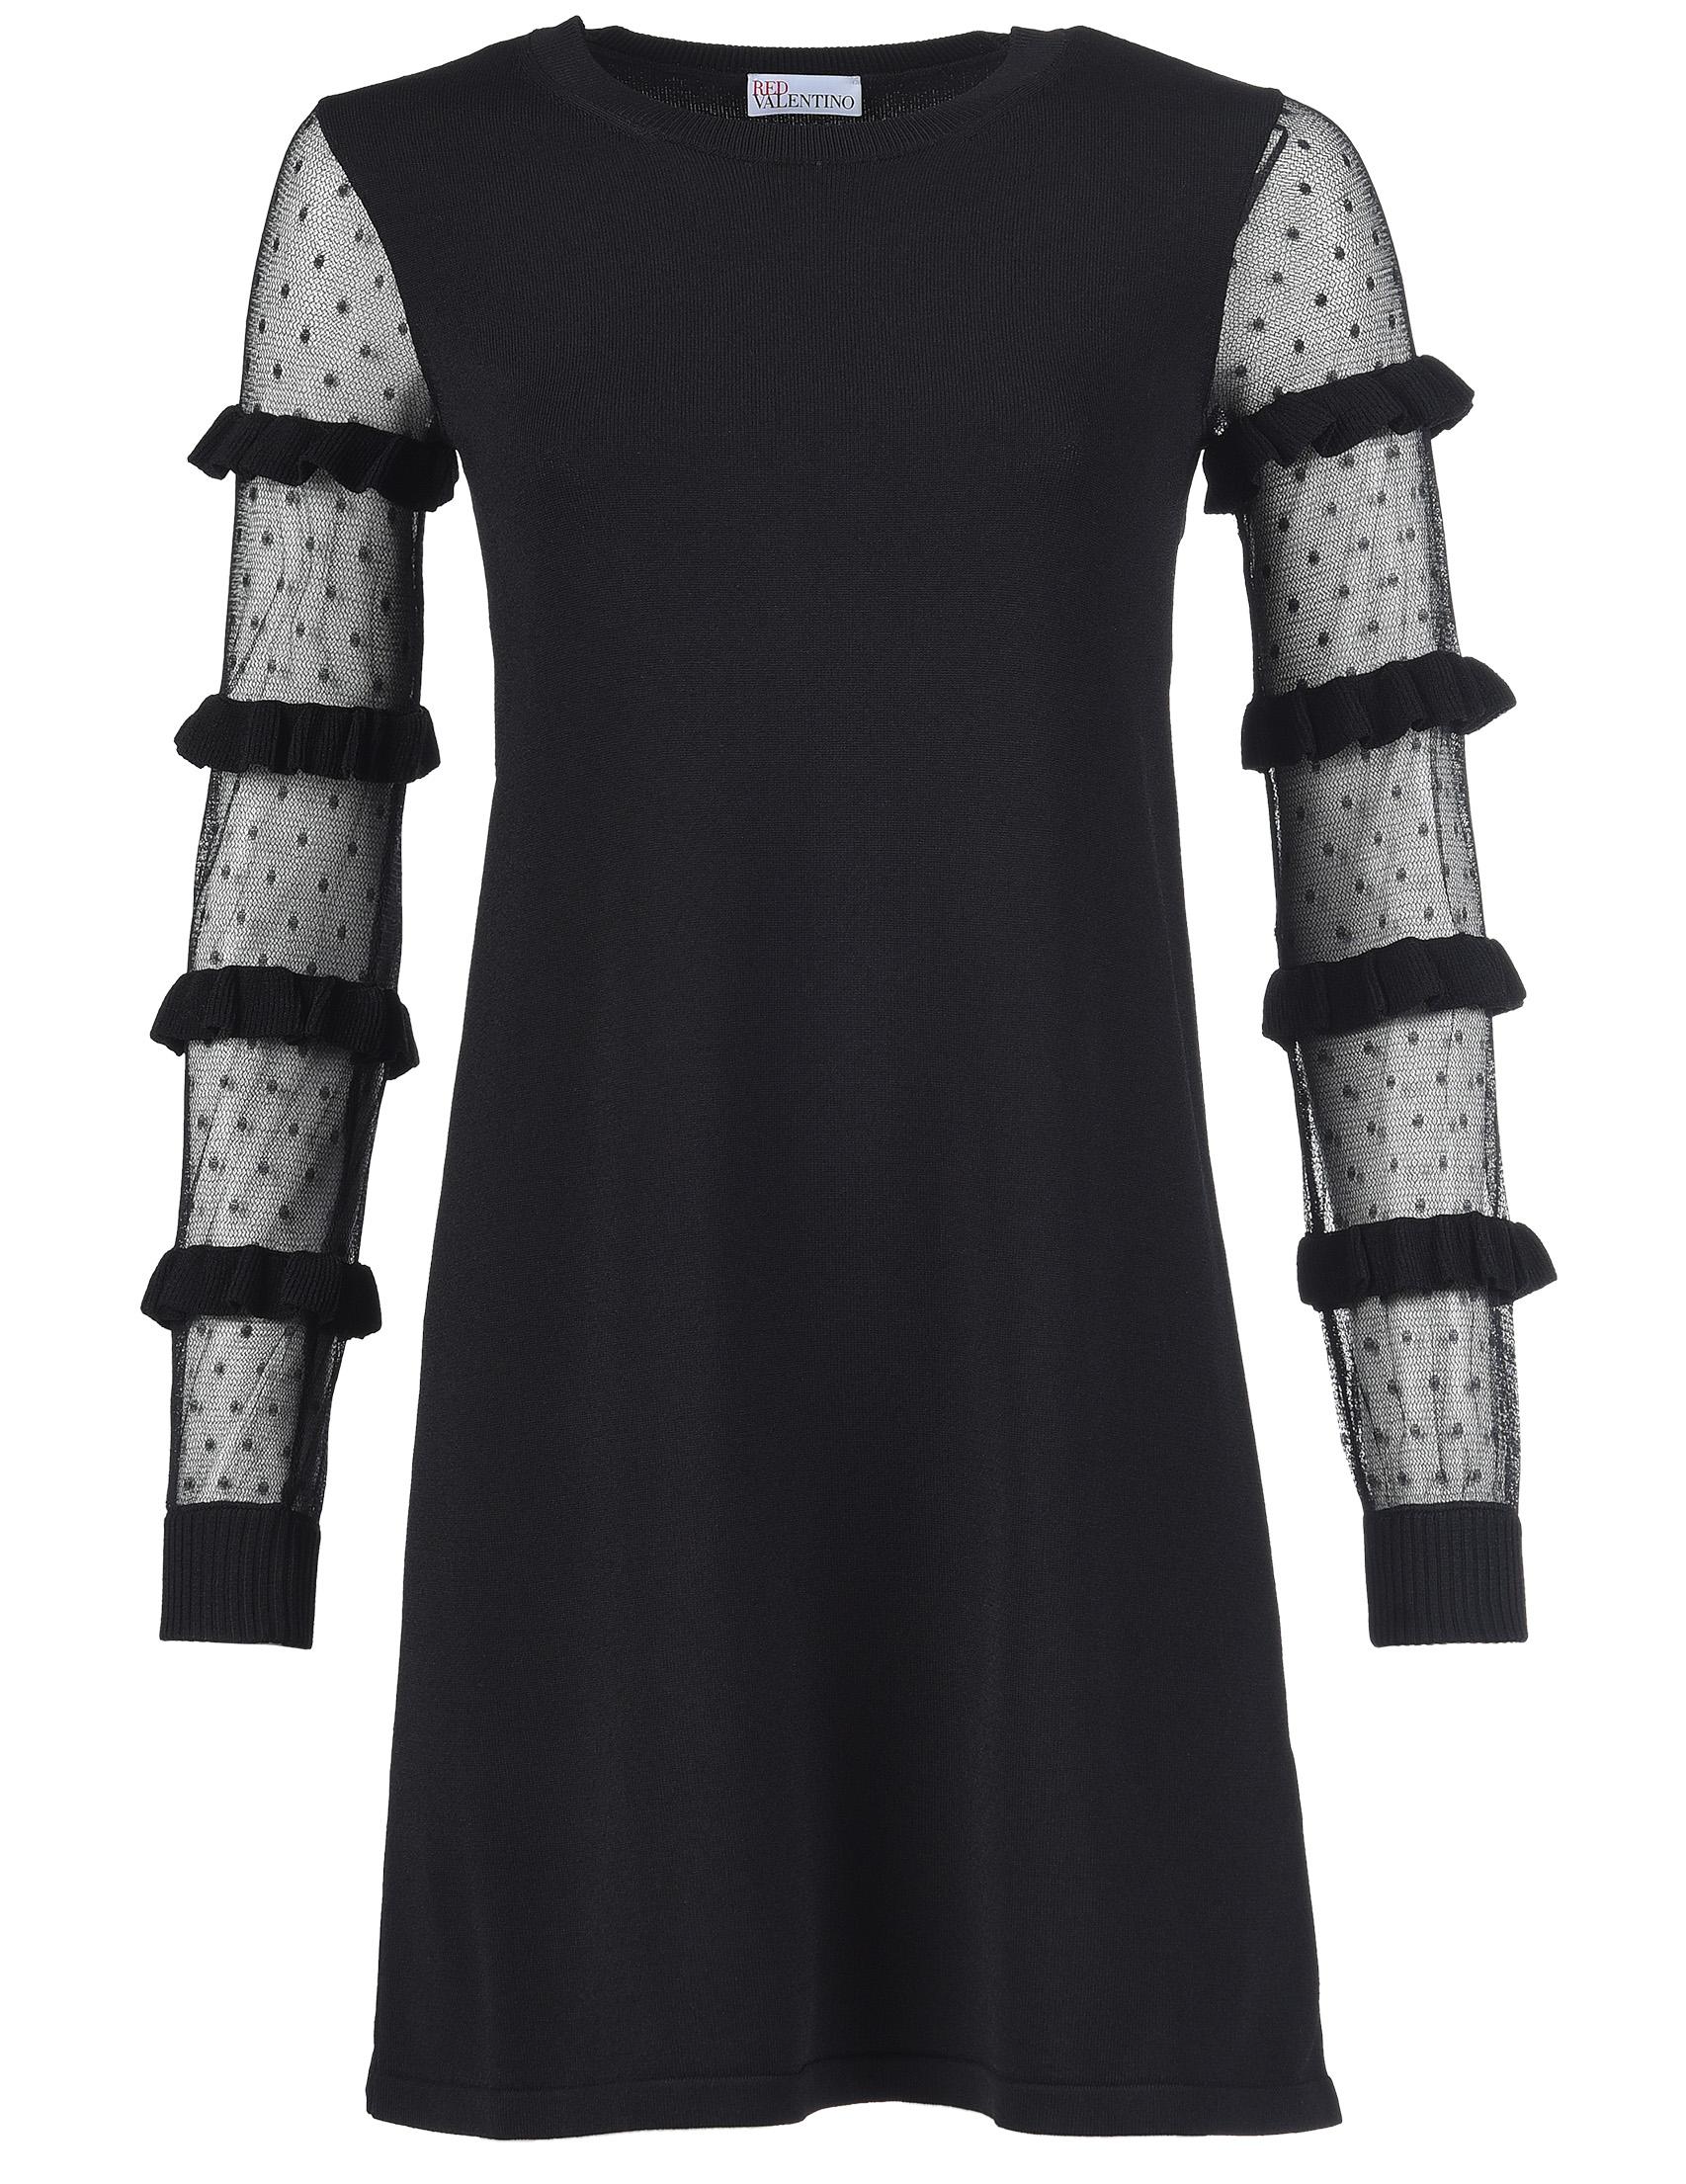 Купить Платье, RED VALENTINO, Черный, 75%Вискоза 25%Полиамид;100%Полиамид, Осень-Зима